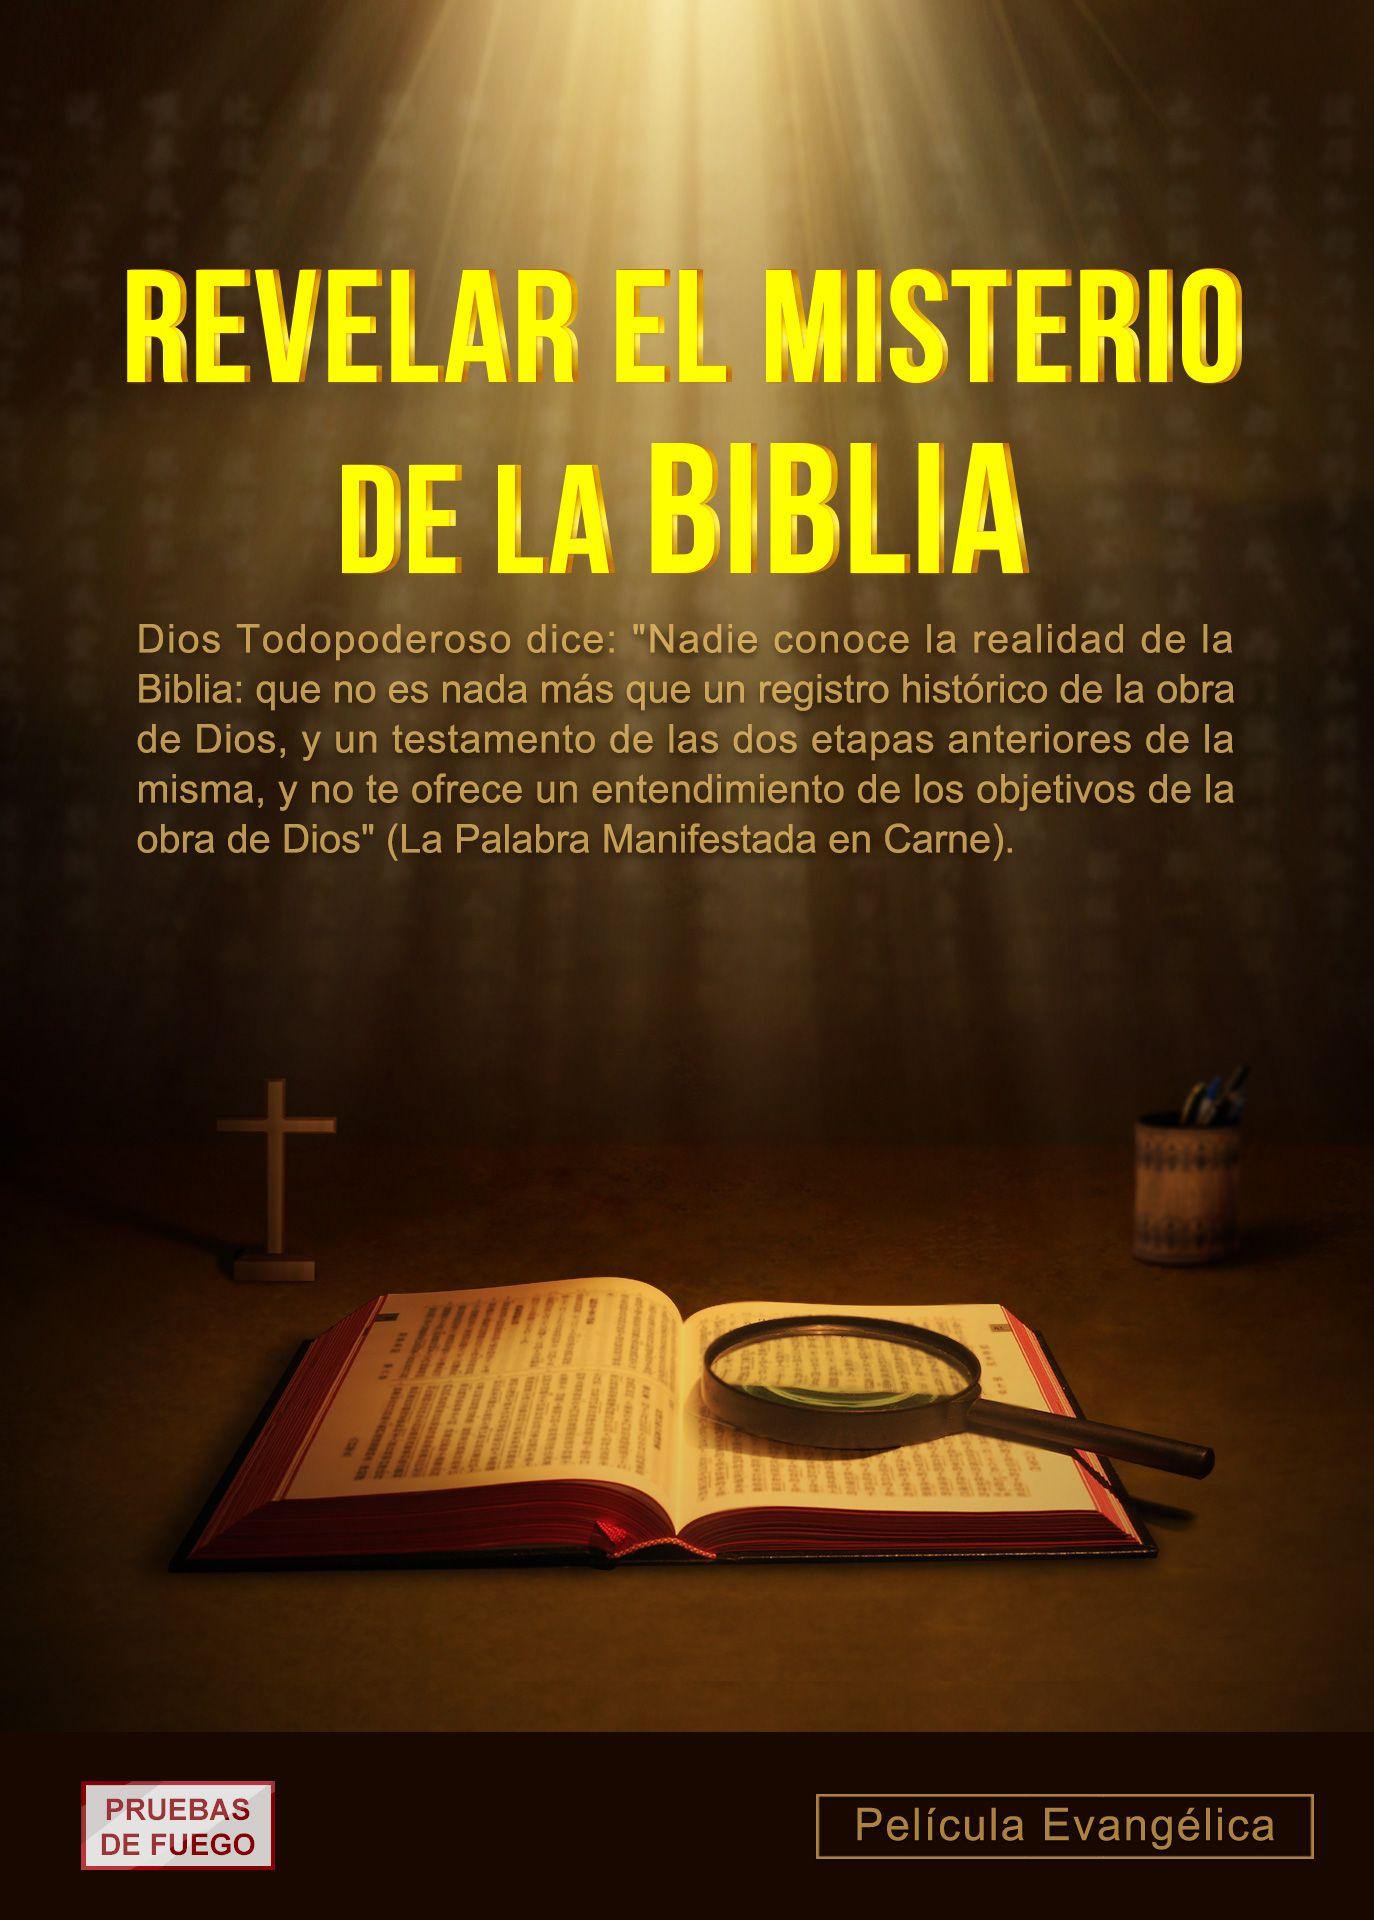 El Misterio de Dios Revelado: Apocalipsis